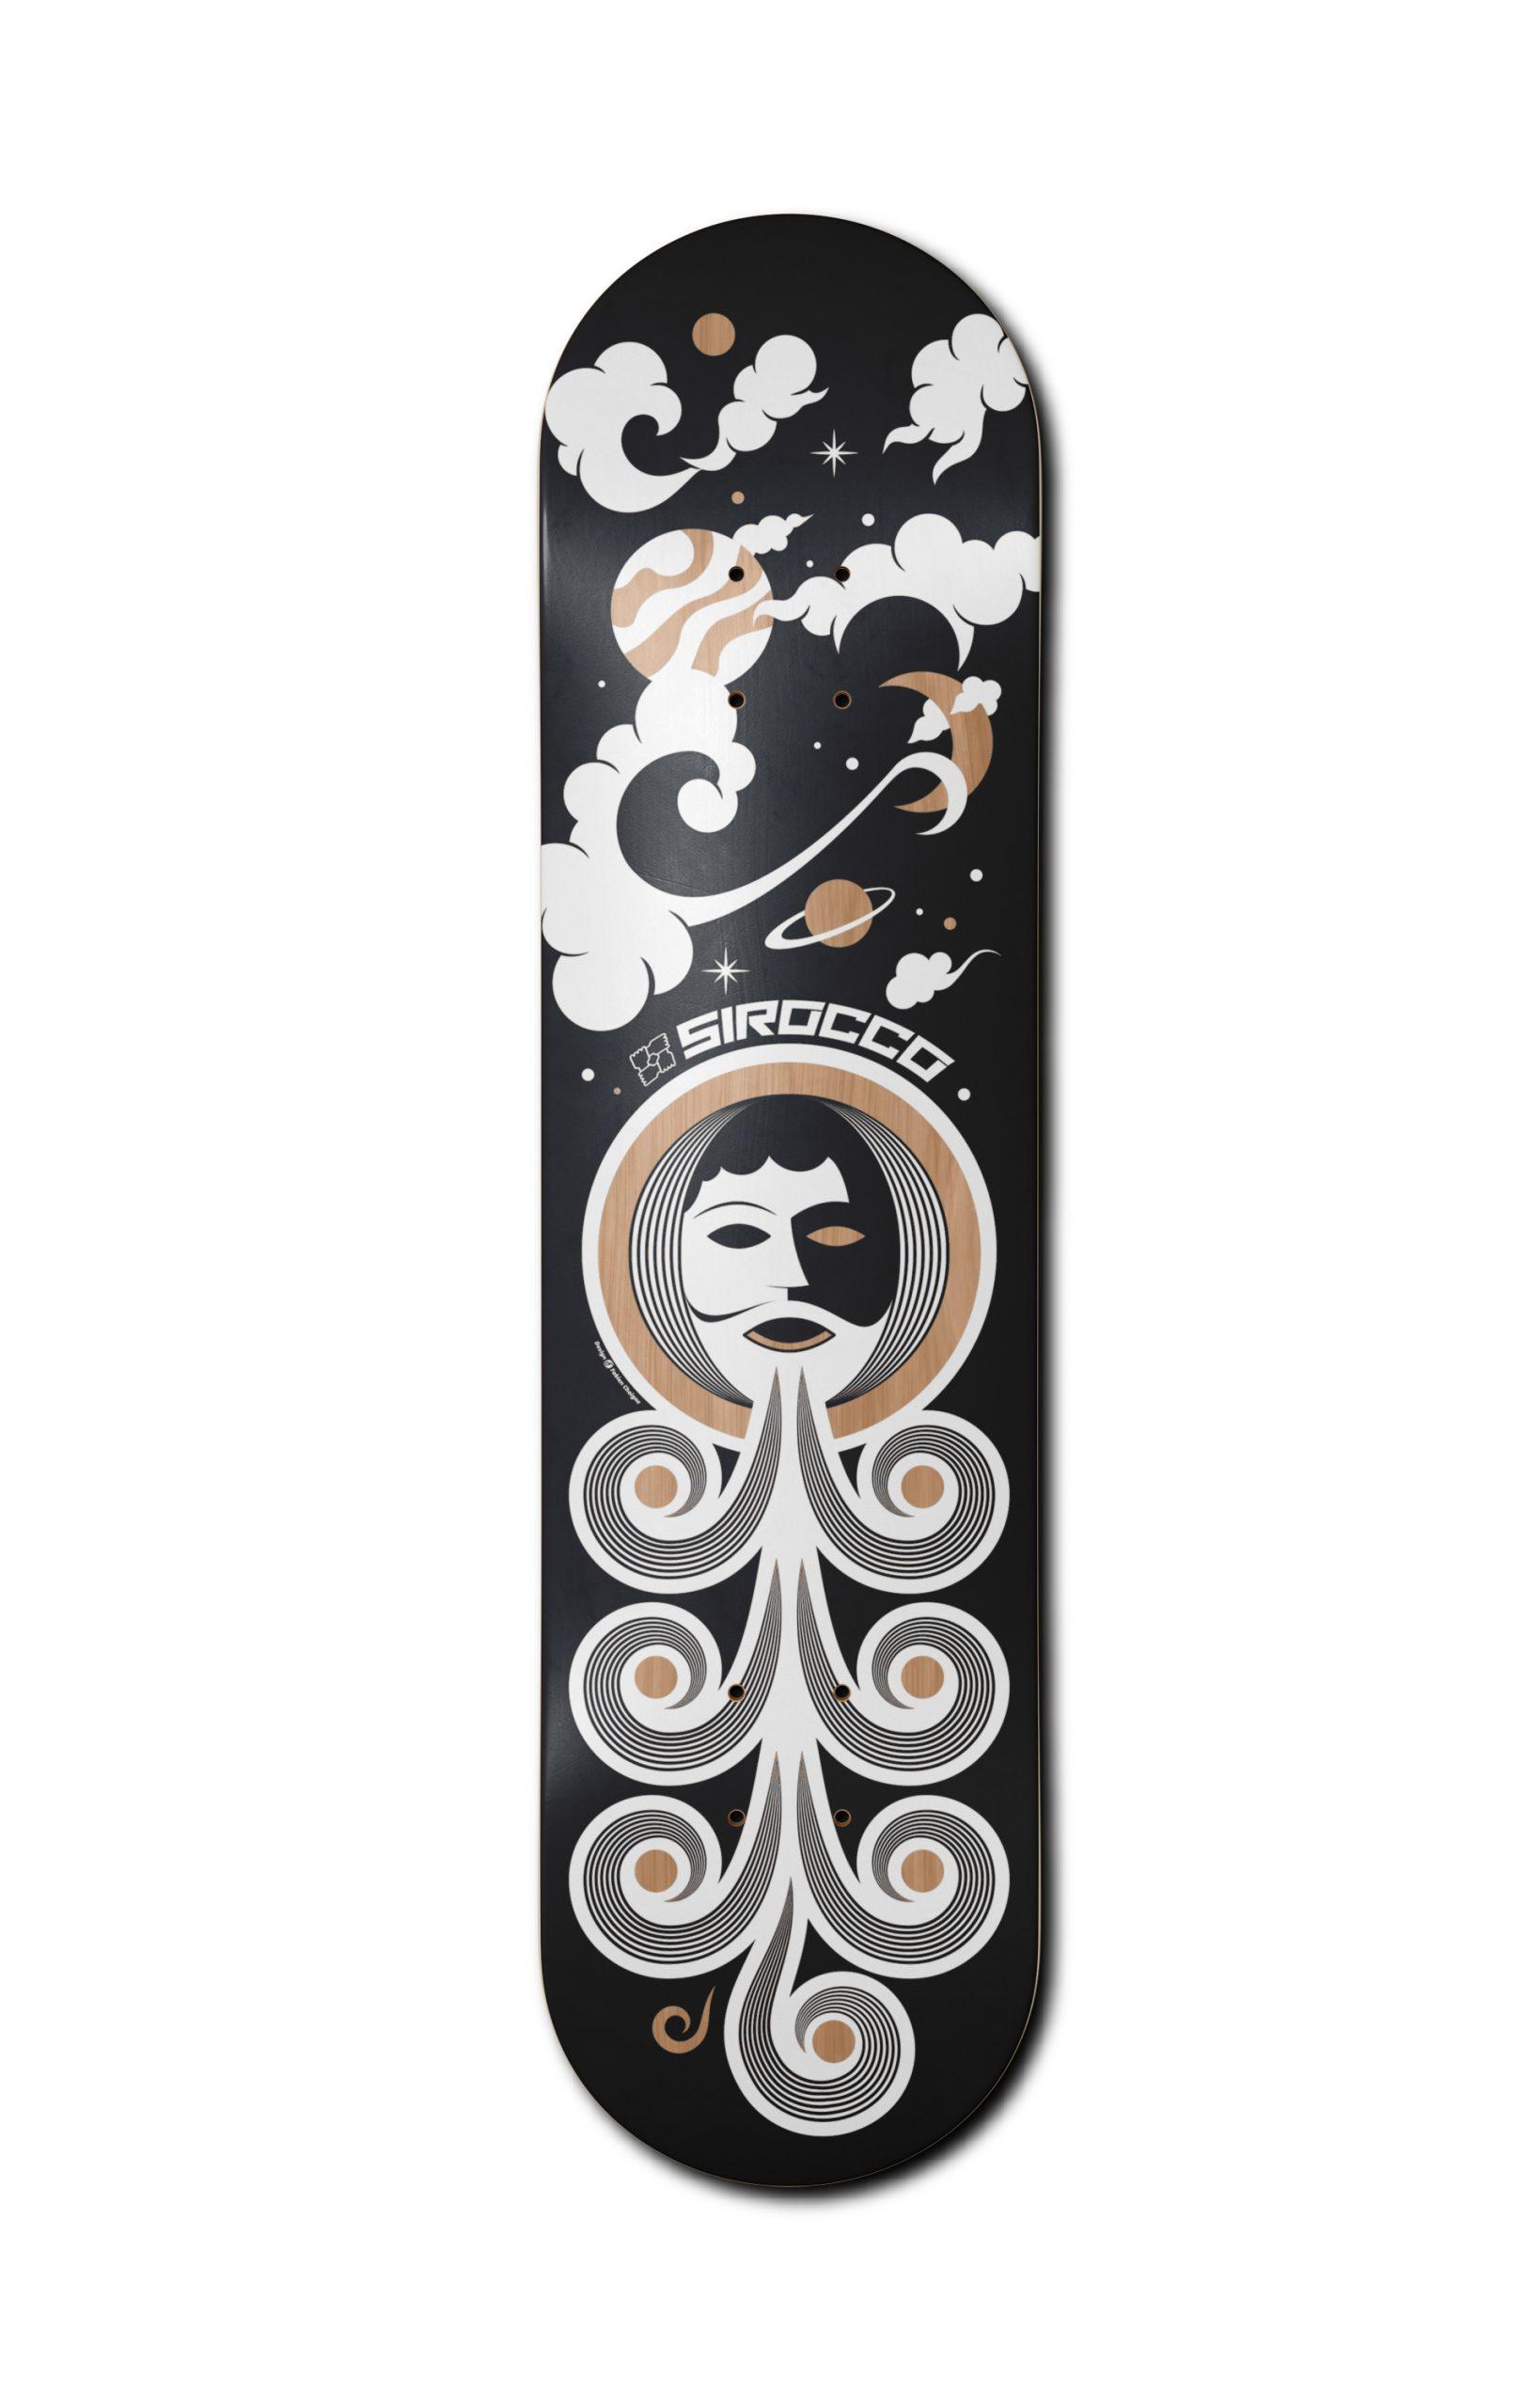 Skateboard design d'une planche de skate représentant graphiquement le dieu éole dans un univers spatial.